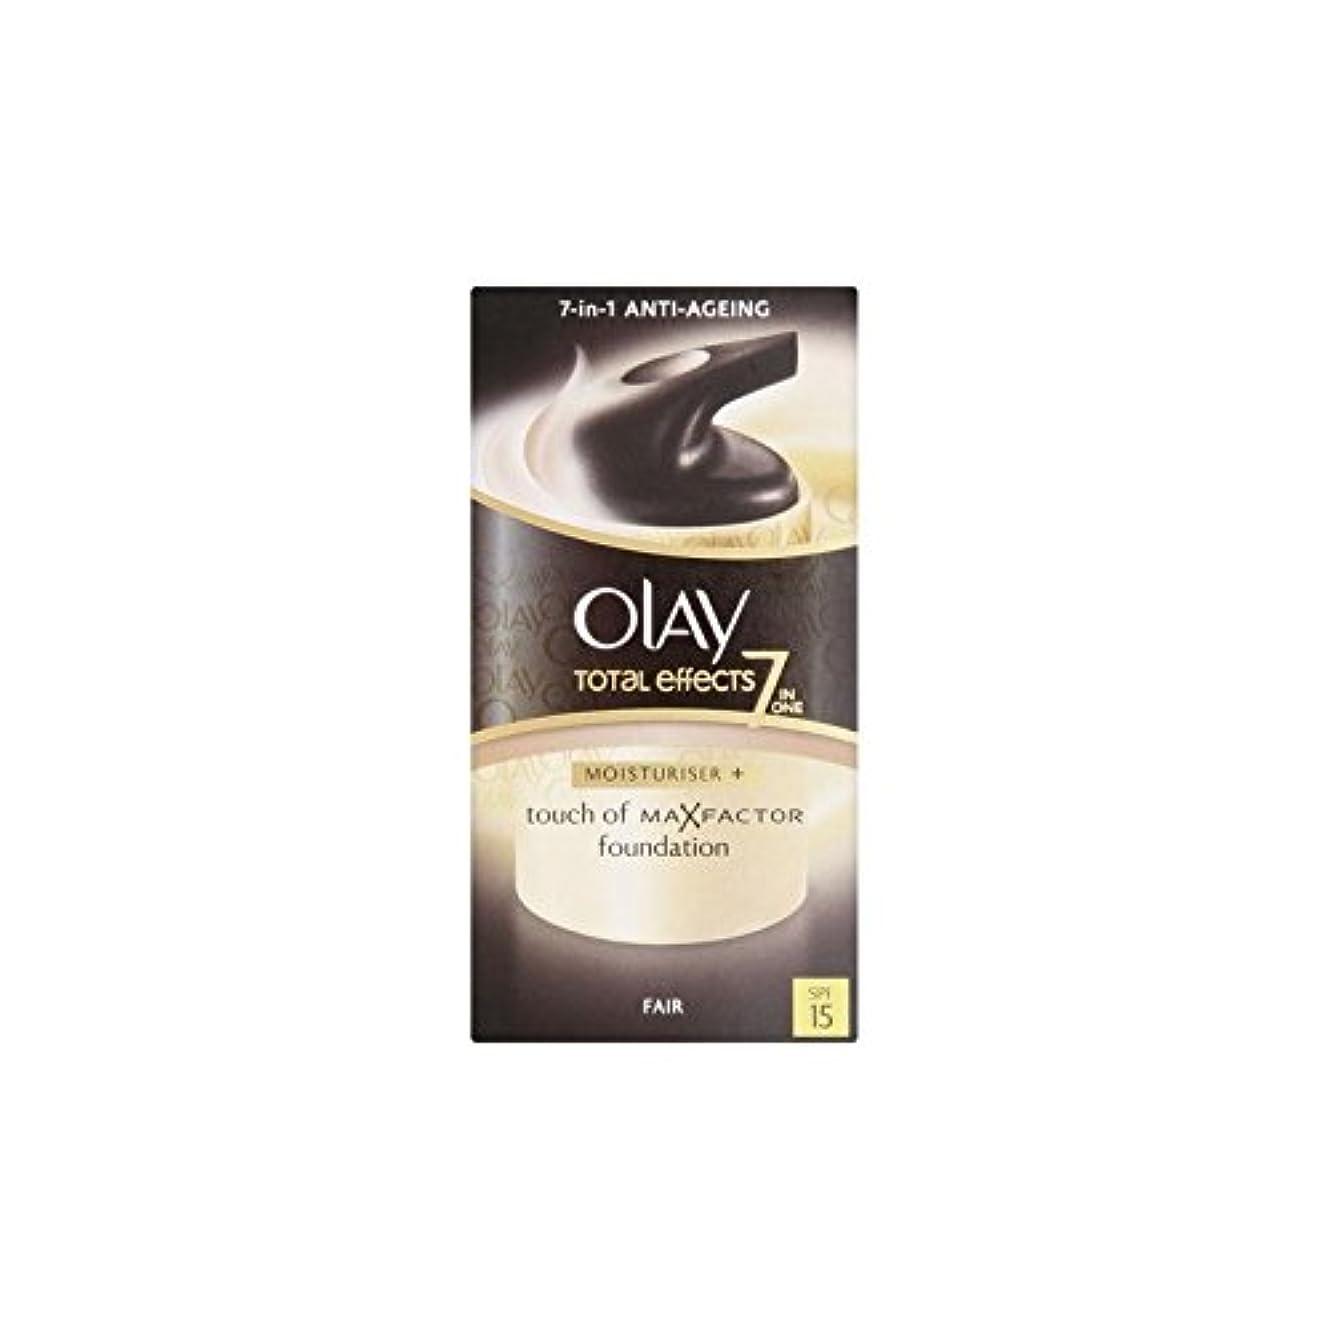 レクリエーション解釈する集中オーレイトータルエフェクト保湿クリーム15 - フェア(50ミリリットル) x2 - Olay Total Effects Moisturiser Bb Cream Spf15 - Fair (50ml) (Pack of...